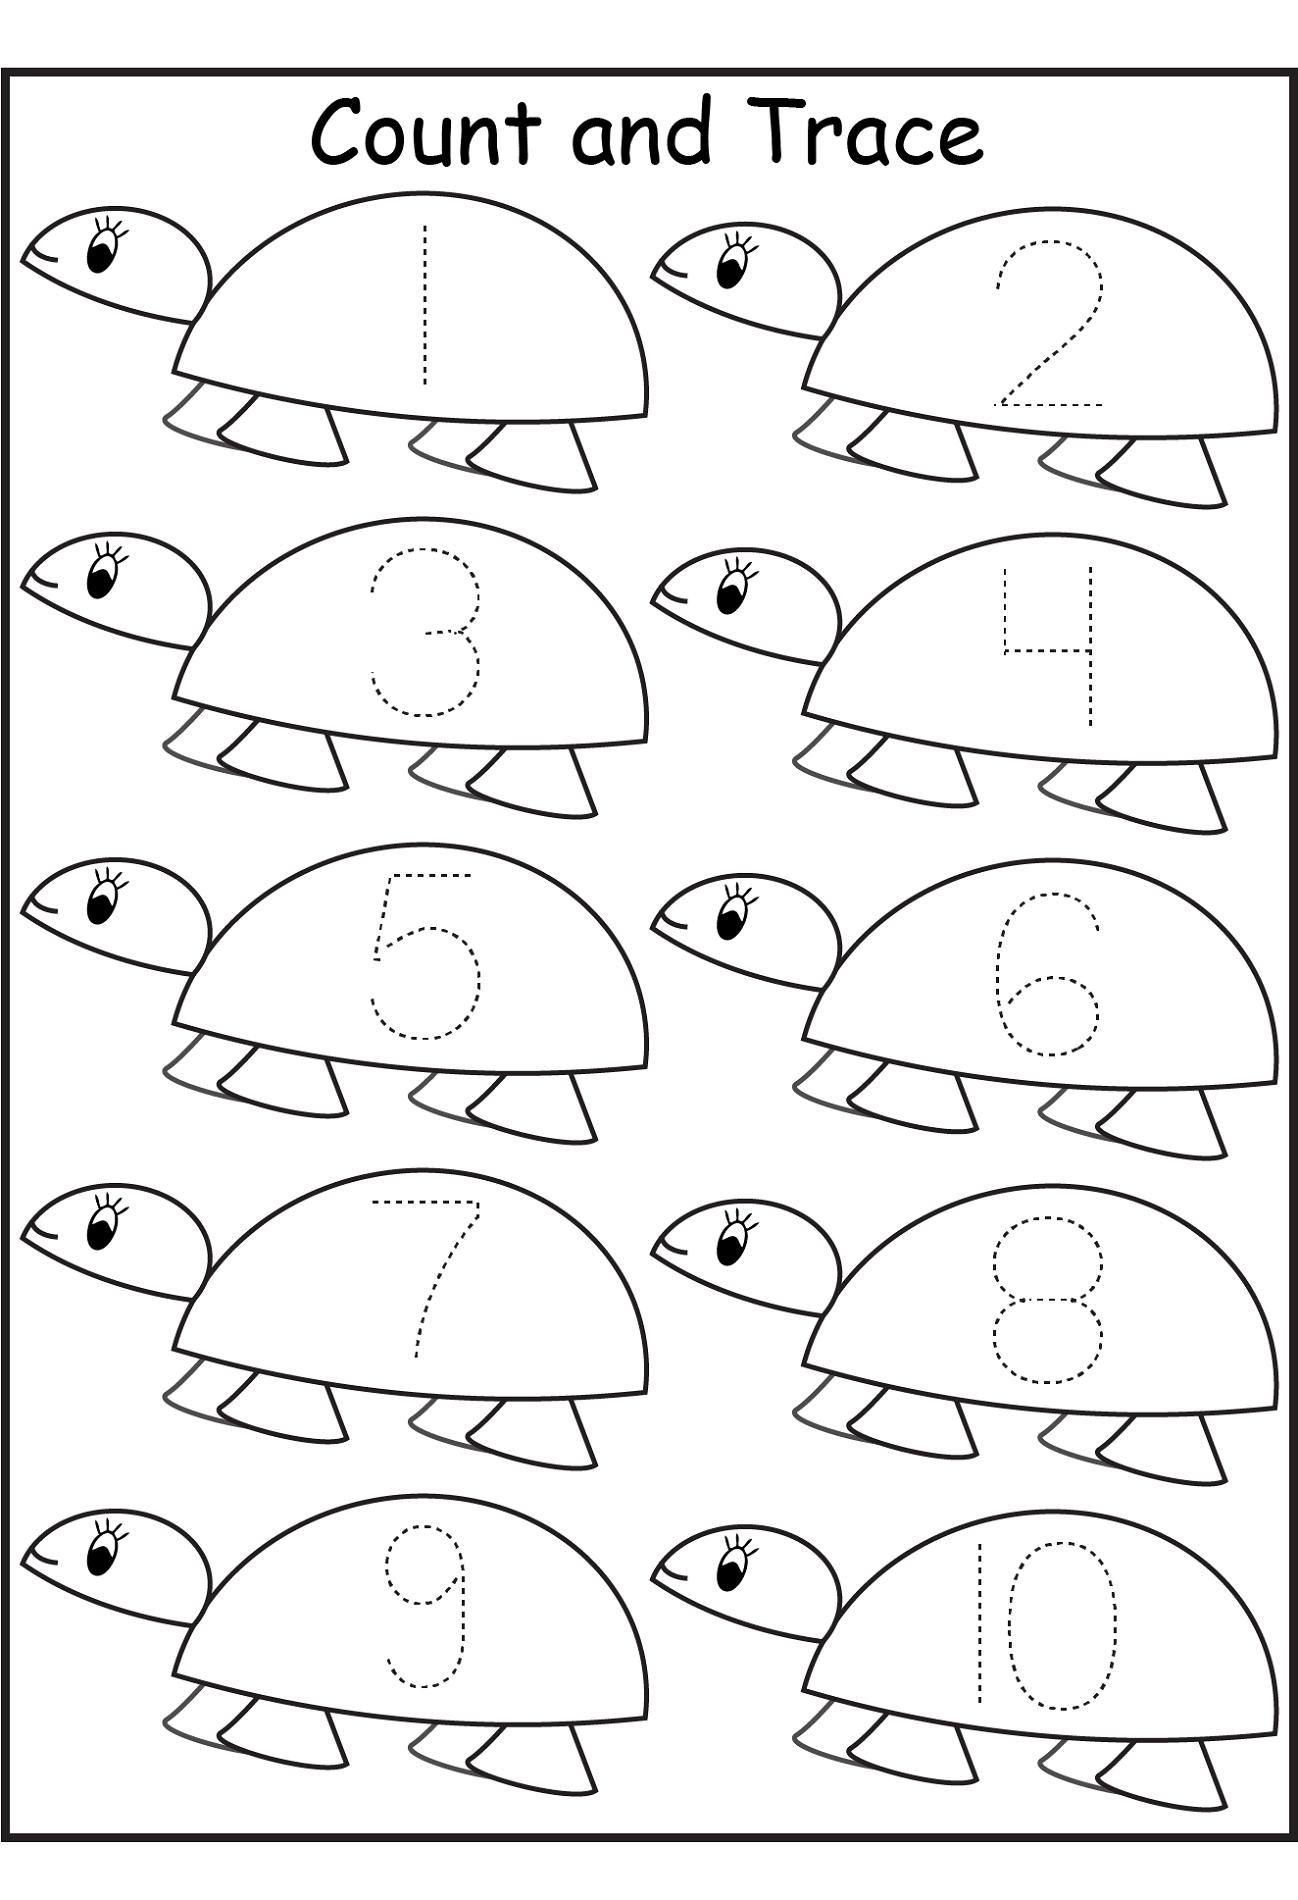 Free Preschool Printable Activity Preschool Number Worksheets Tracing Worksheets Preschool Numbers Kindergarten [ 1900 x 1298 Pixel ]